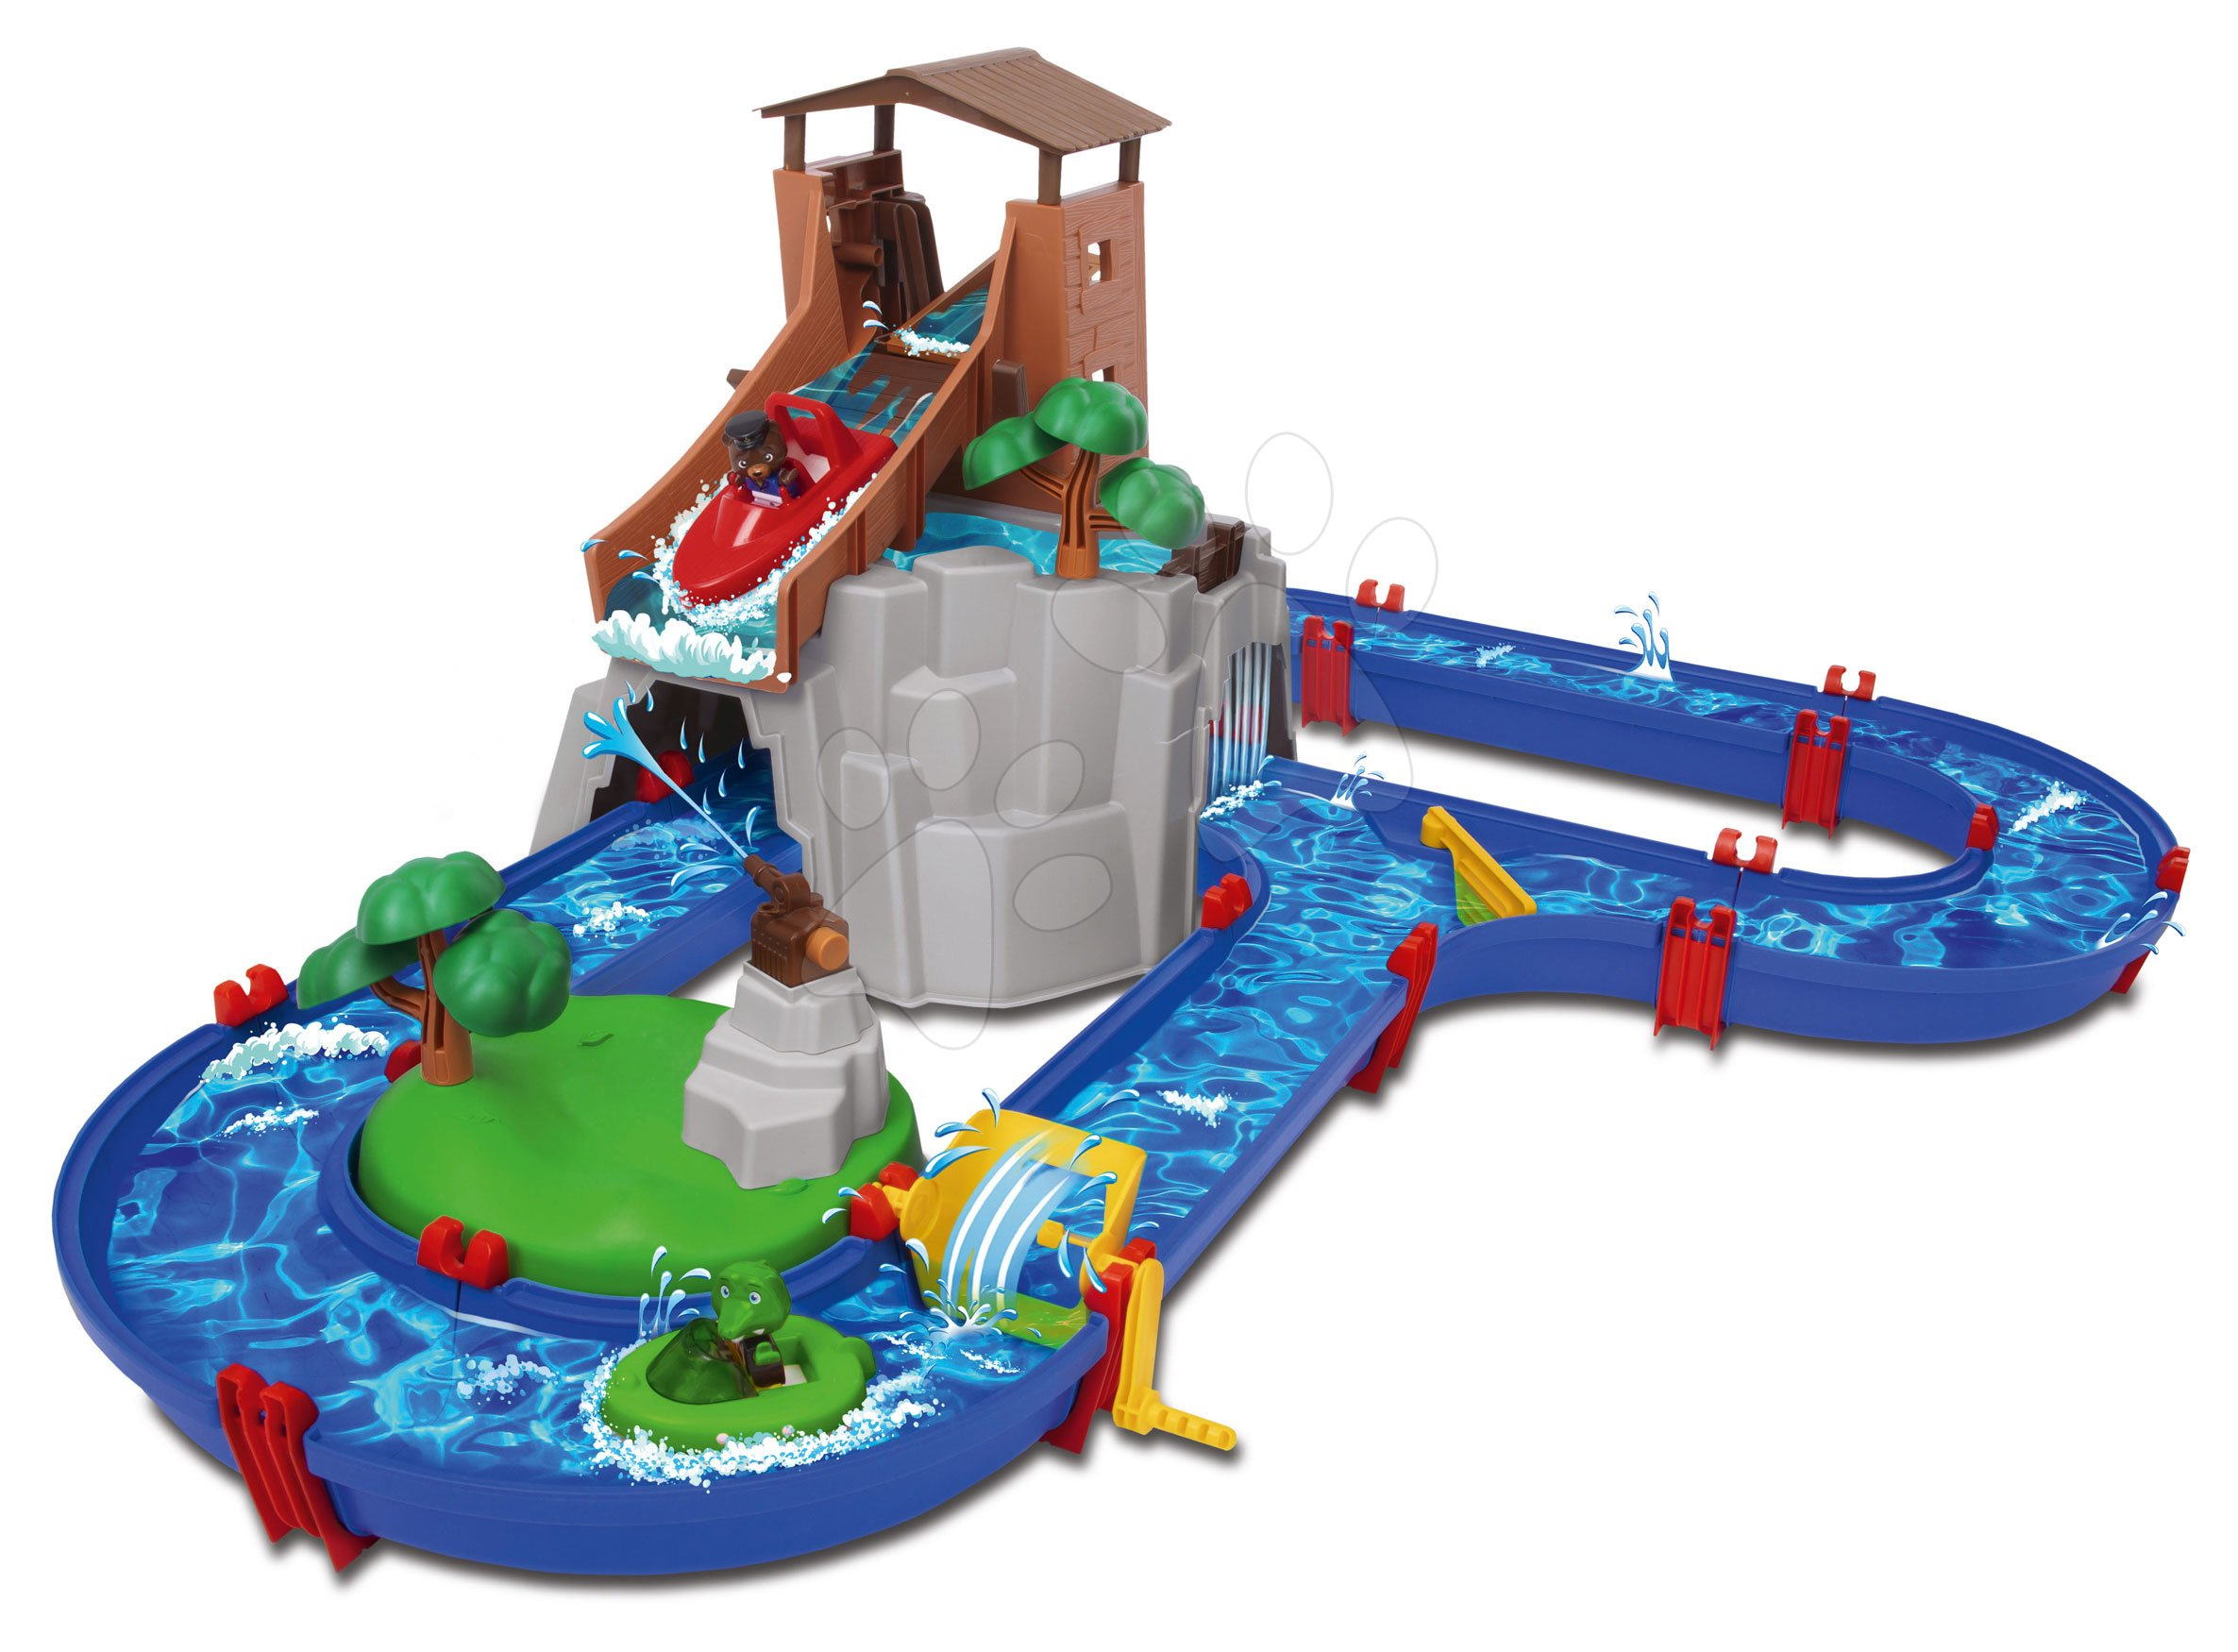 Piste de apă pentru copii - Pistă de apă AquaPlay Adventure Land aventuri sub cascadă cu 2 figurine în turnul de munte și cu tun de apă